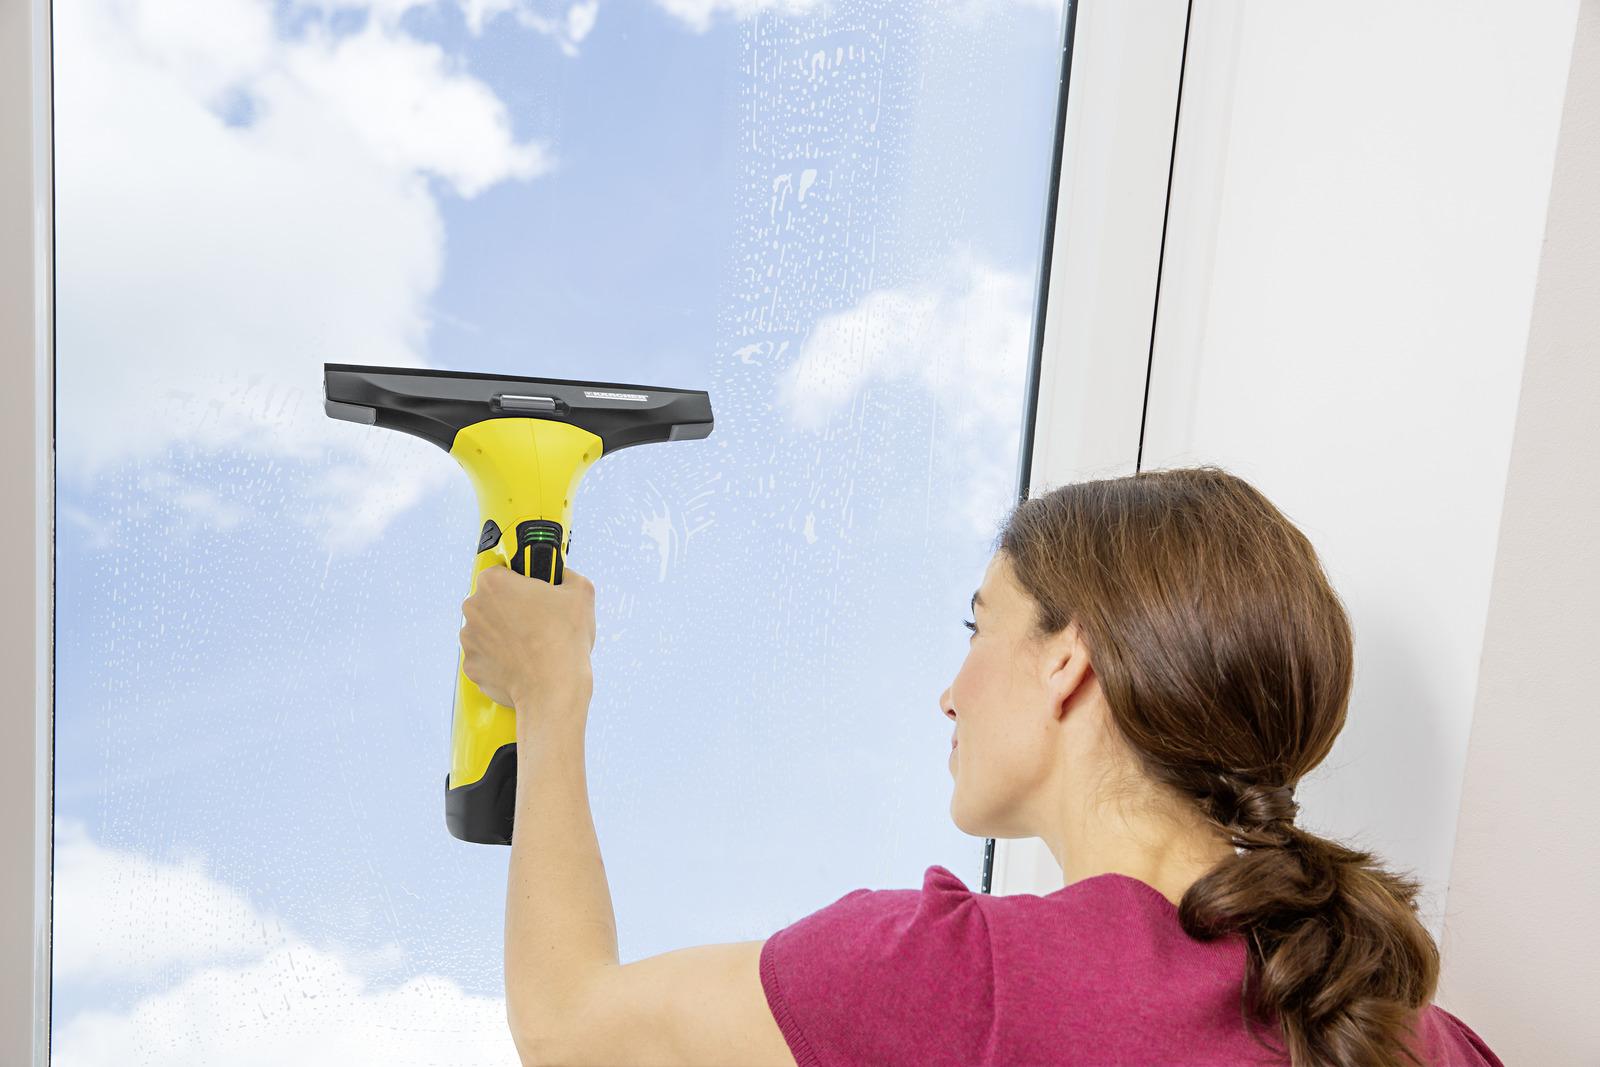 czyszczenie szyby myjką firmy Karcher